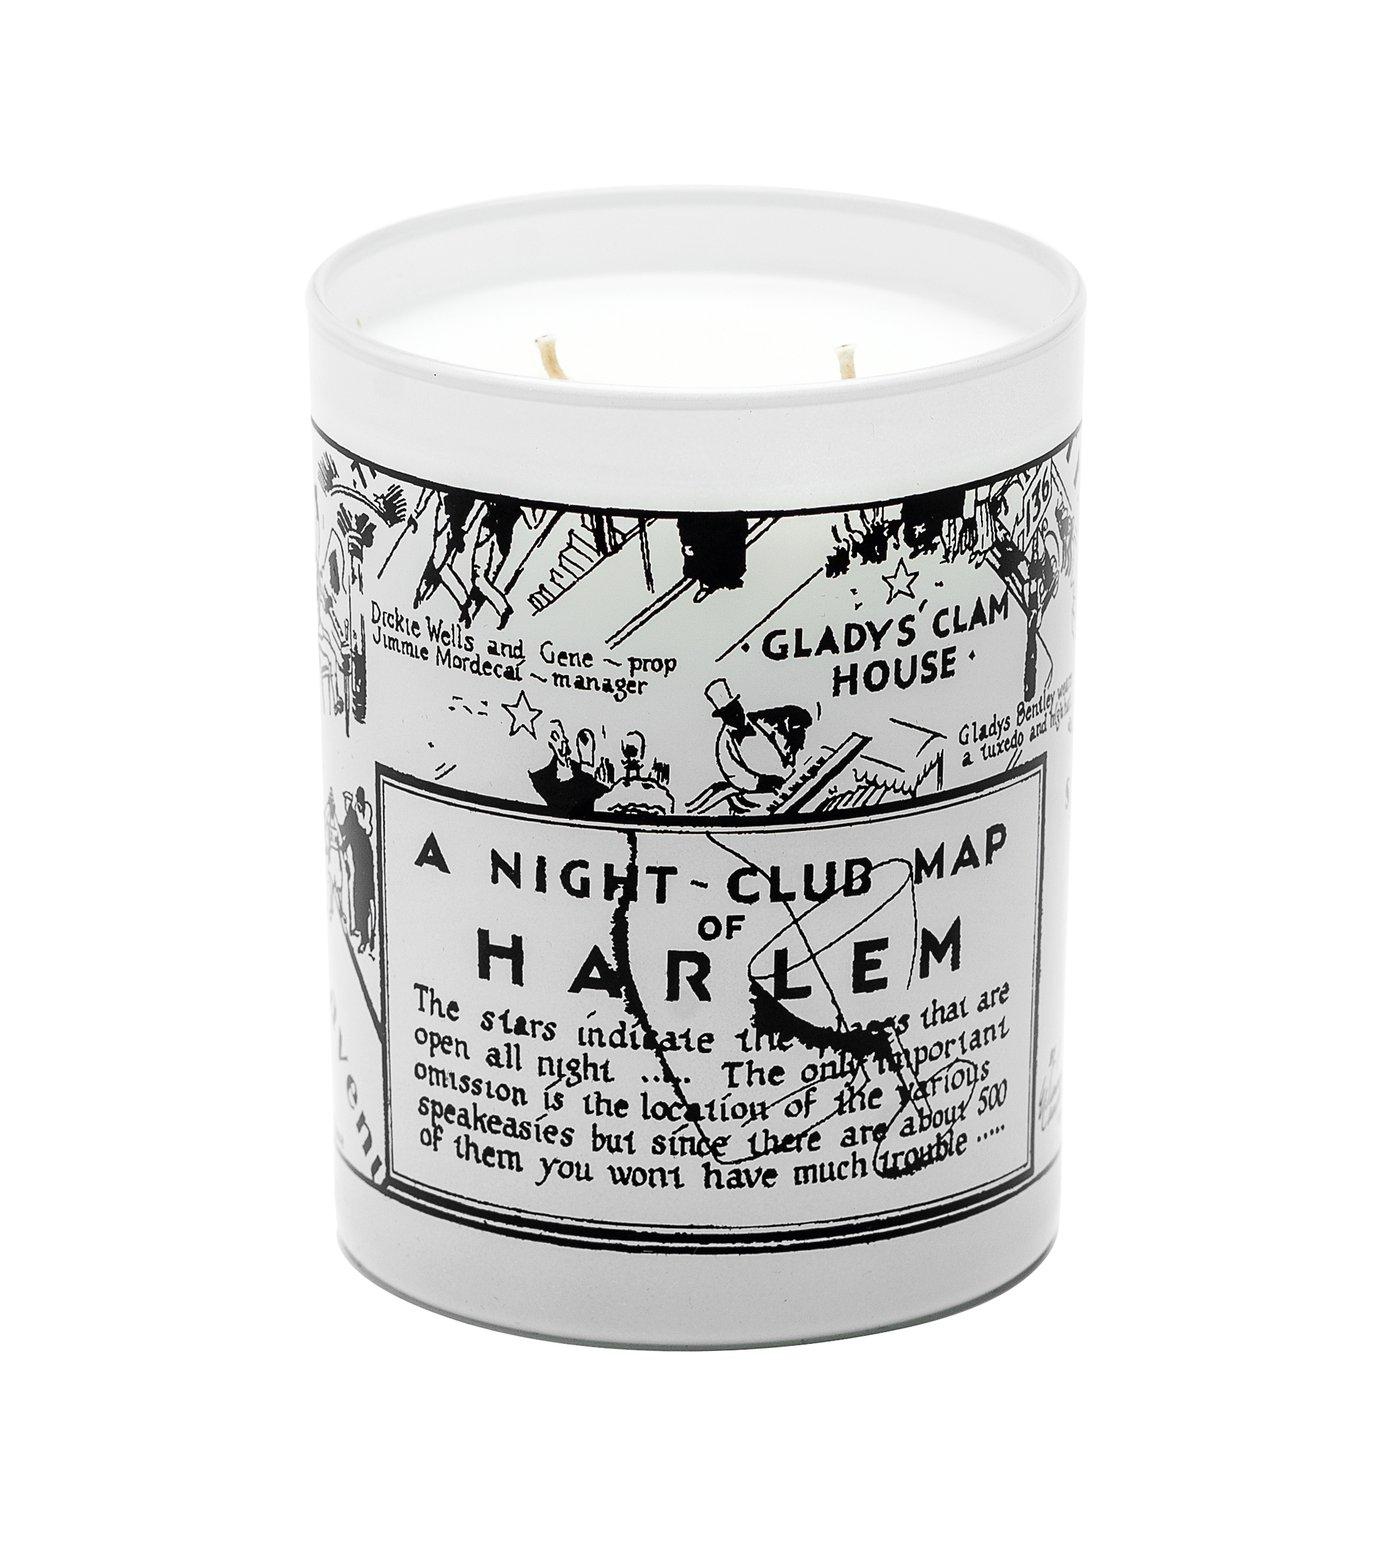 Harlem Vintage Map - Harlem Candle Company.jpg